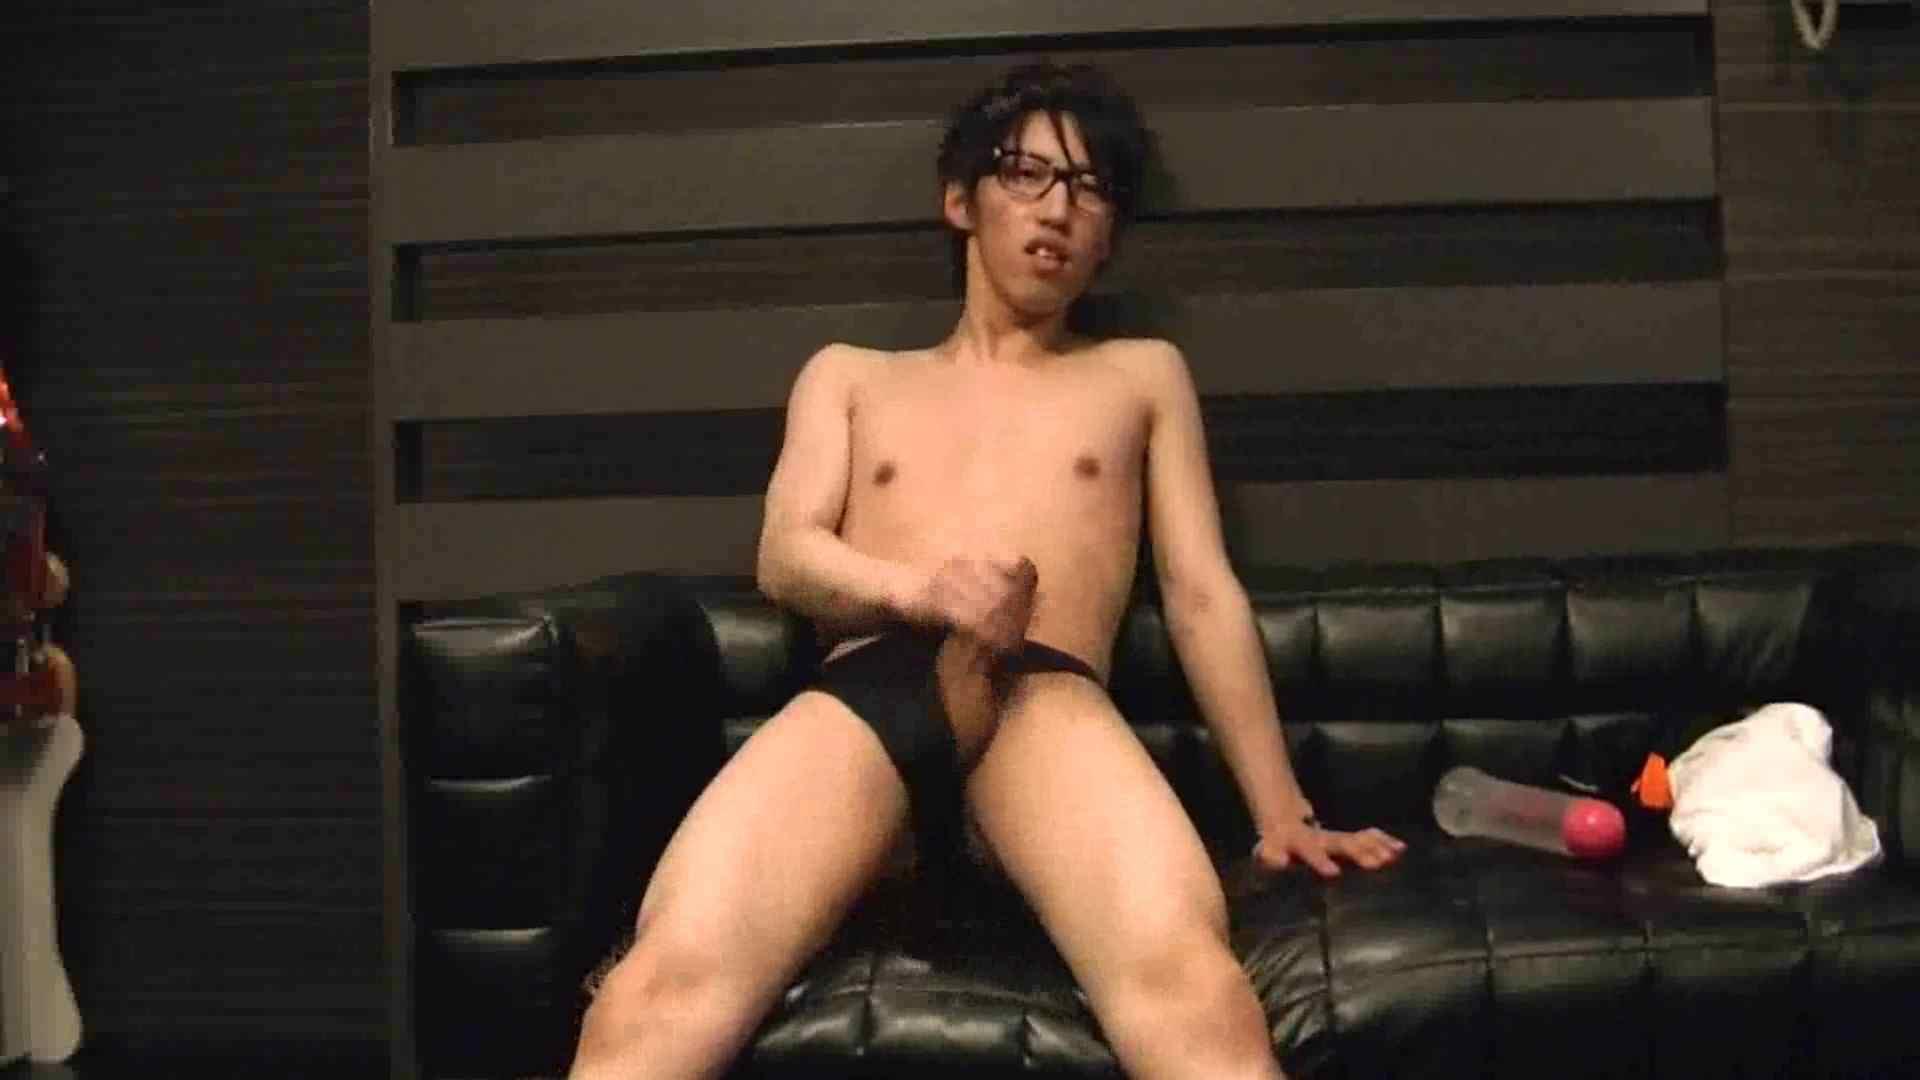 ONA見せカーニバル!! Vol3 ゲイのオナニー映像 | 男祭り  103枚 7